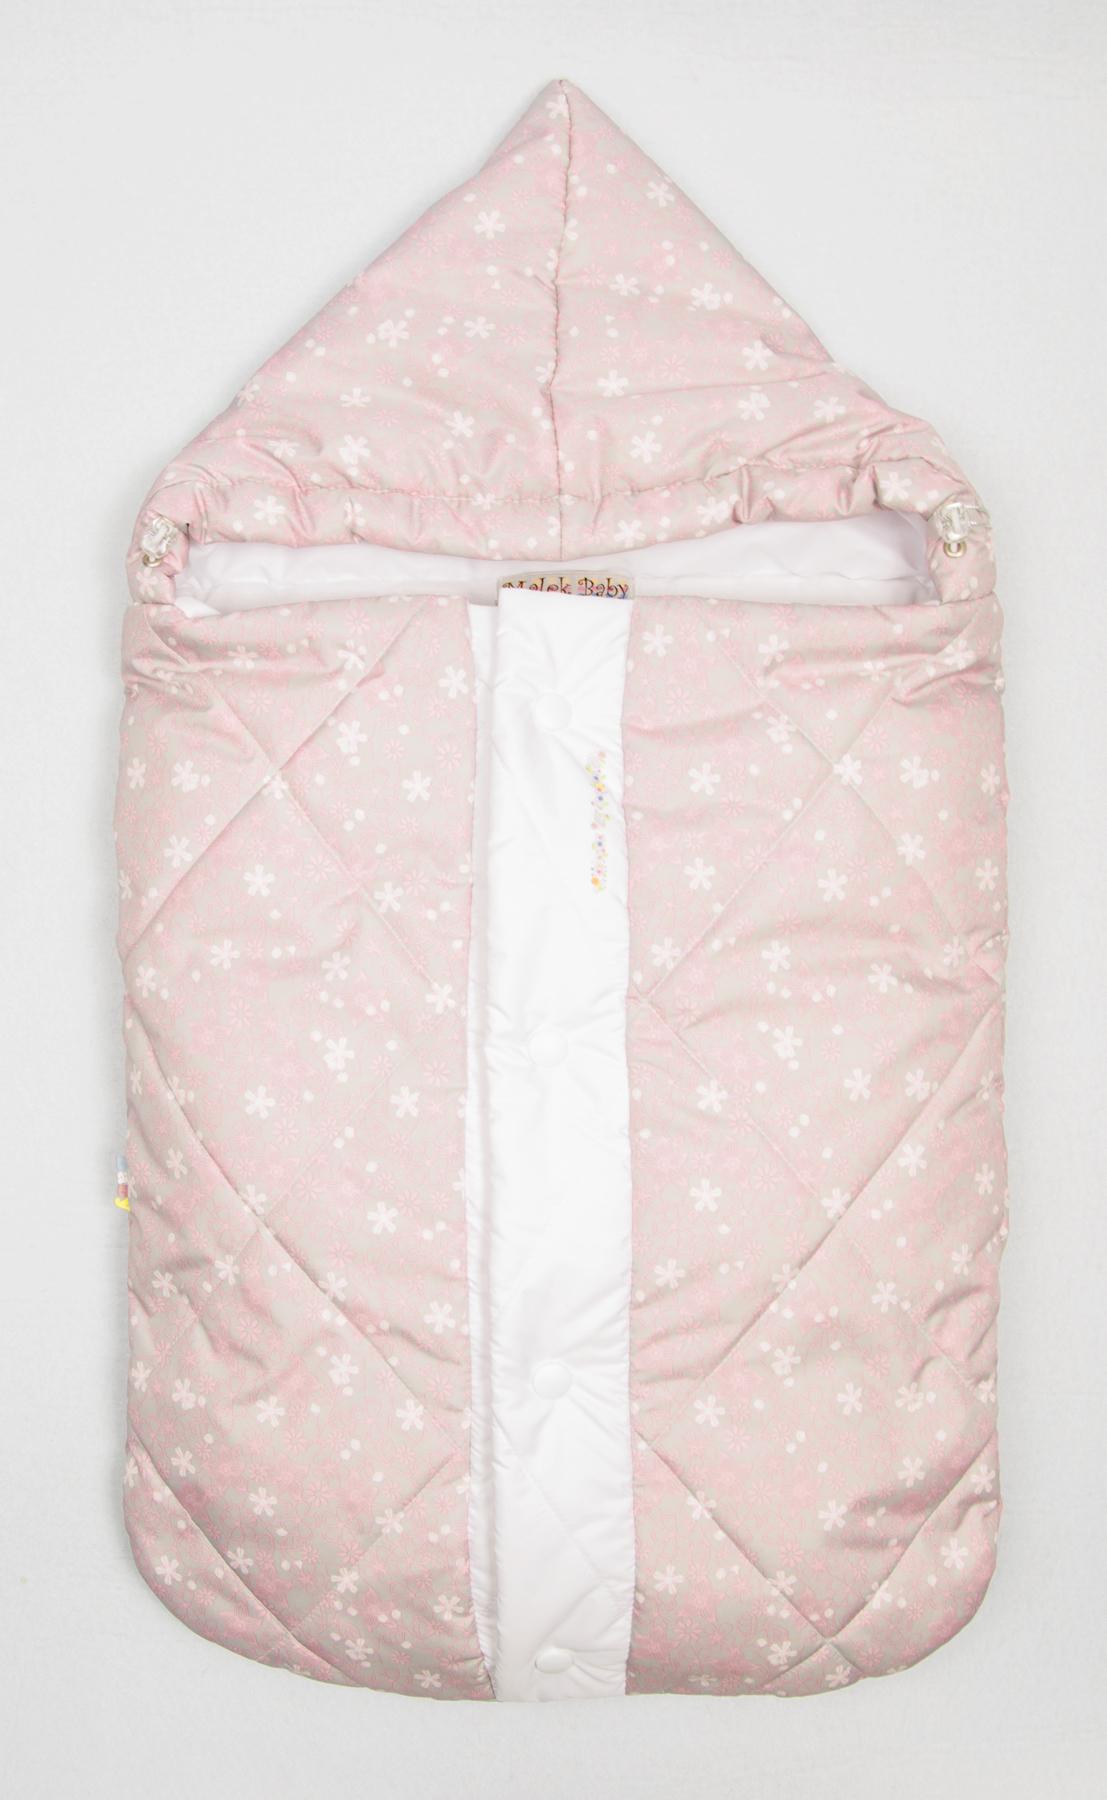 Конверты на выписку Конверт для новорожденного, Осень-Весна, Розовый SIV_2821.jpg